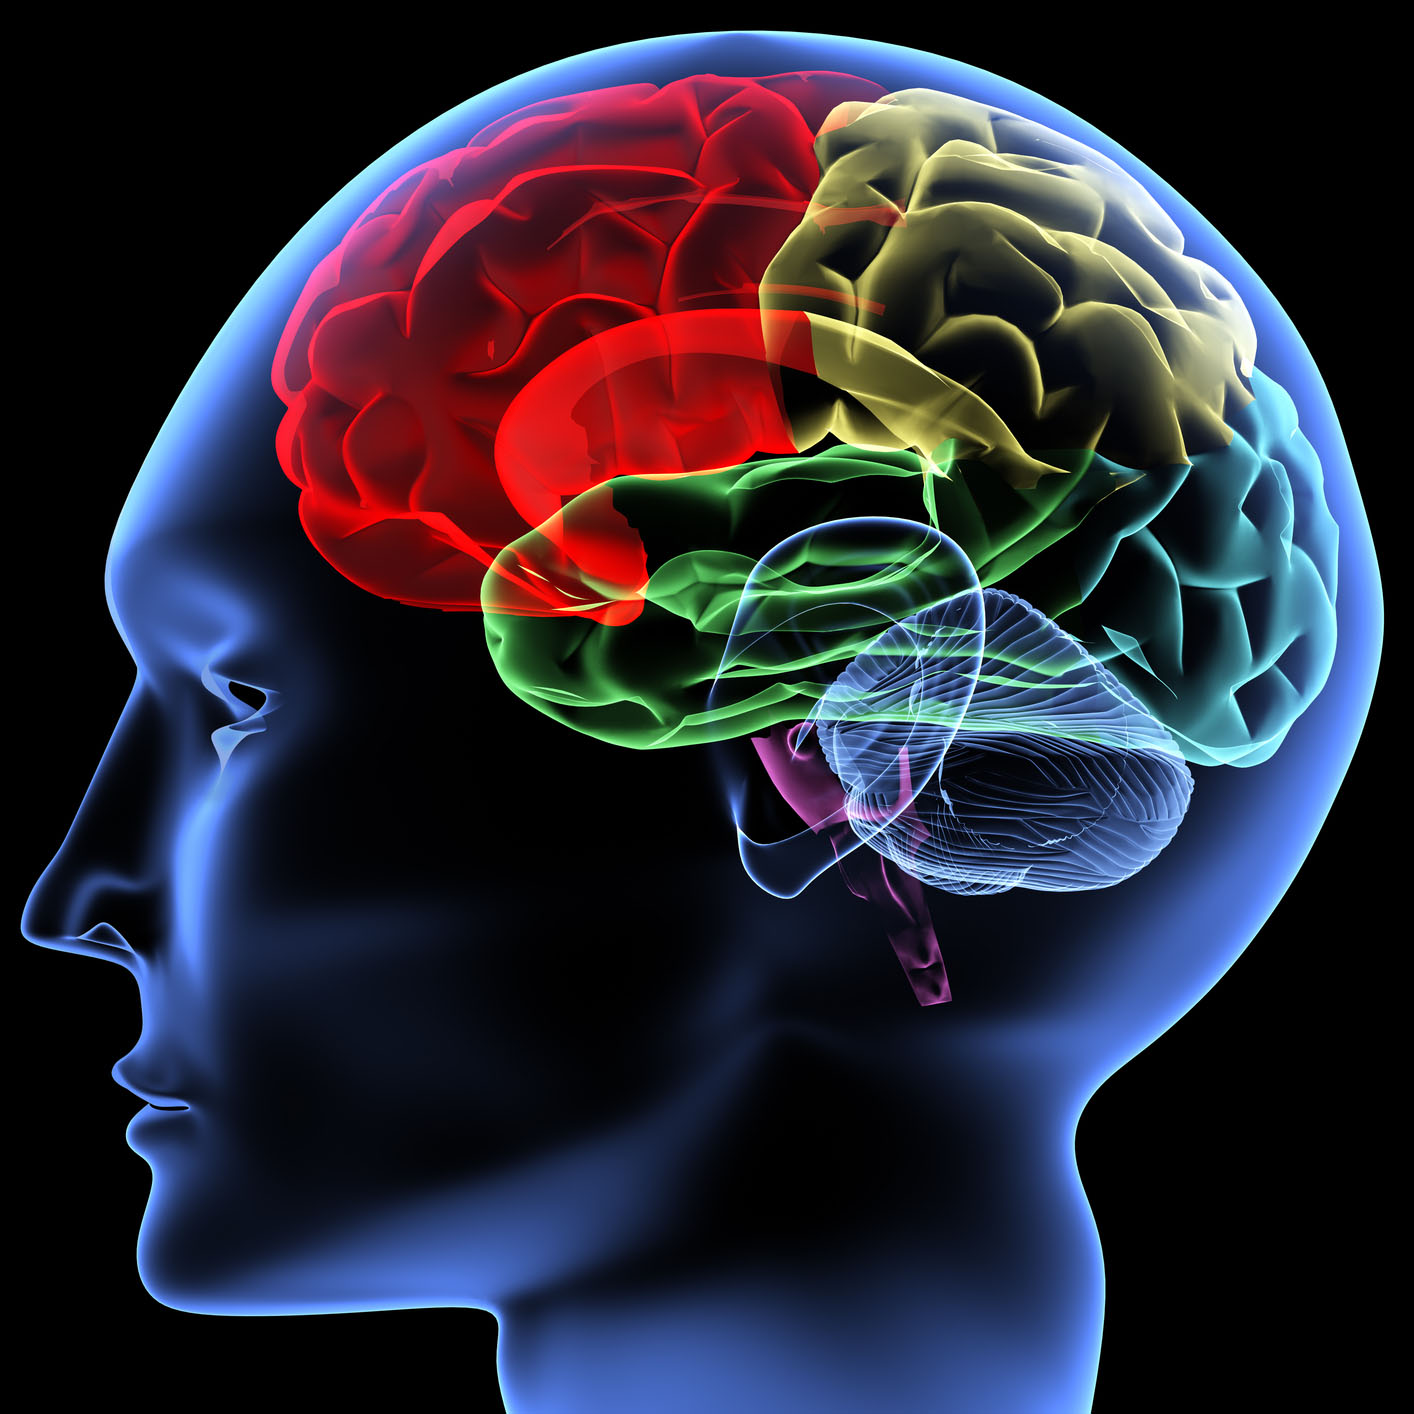 Factorul responsabil de 30% dintre cazurile de AVC – Accident Vascular Cerebral